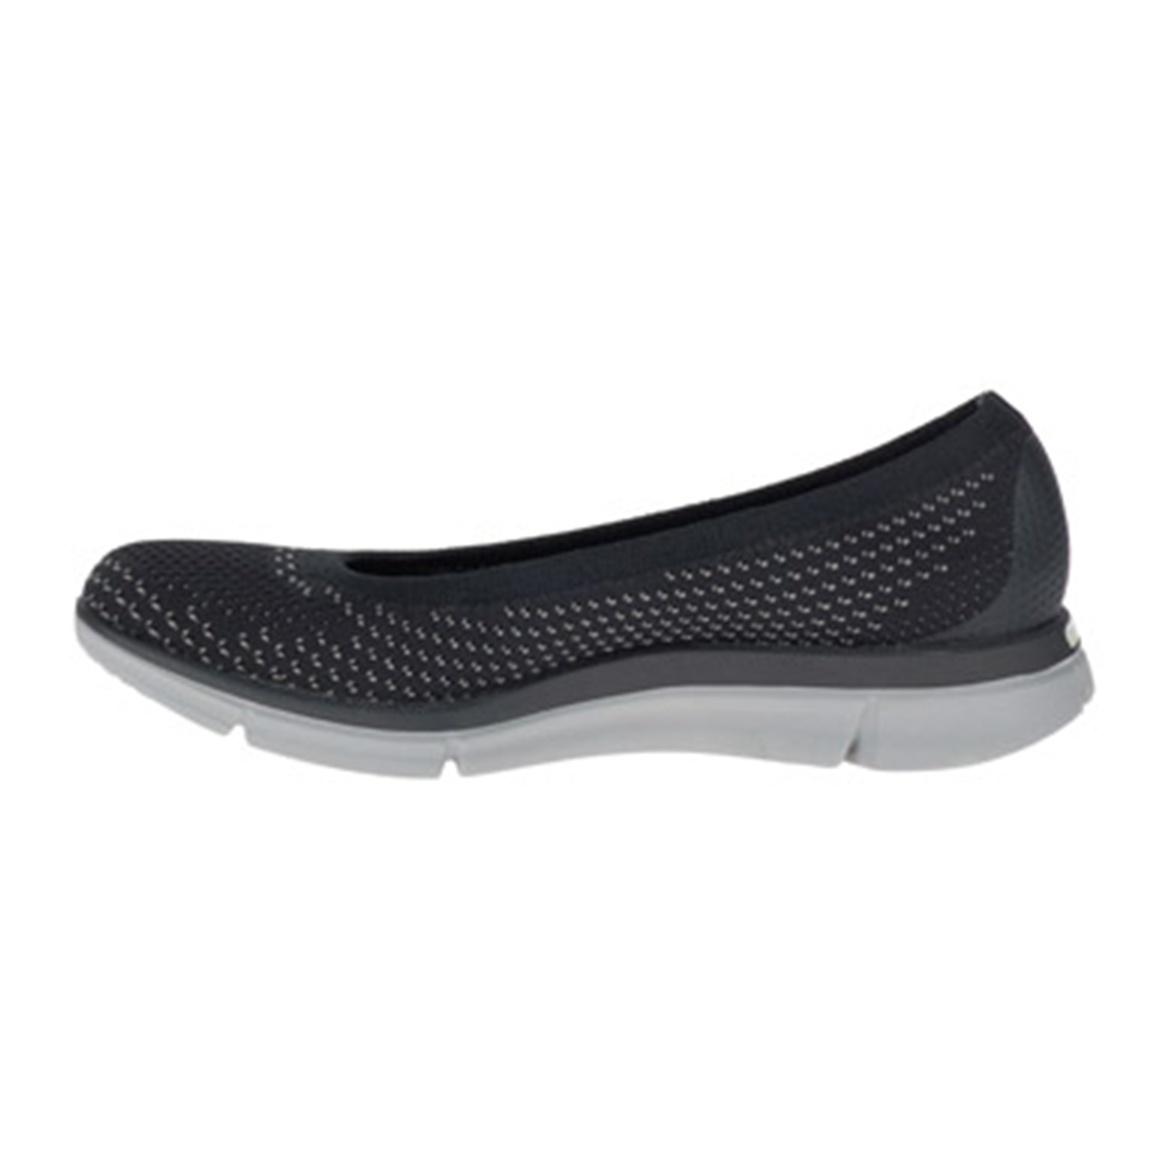 تصویر کفش راحتی زنانه مرل مدلMIRACLE 93830